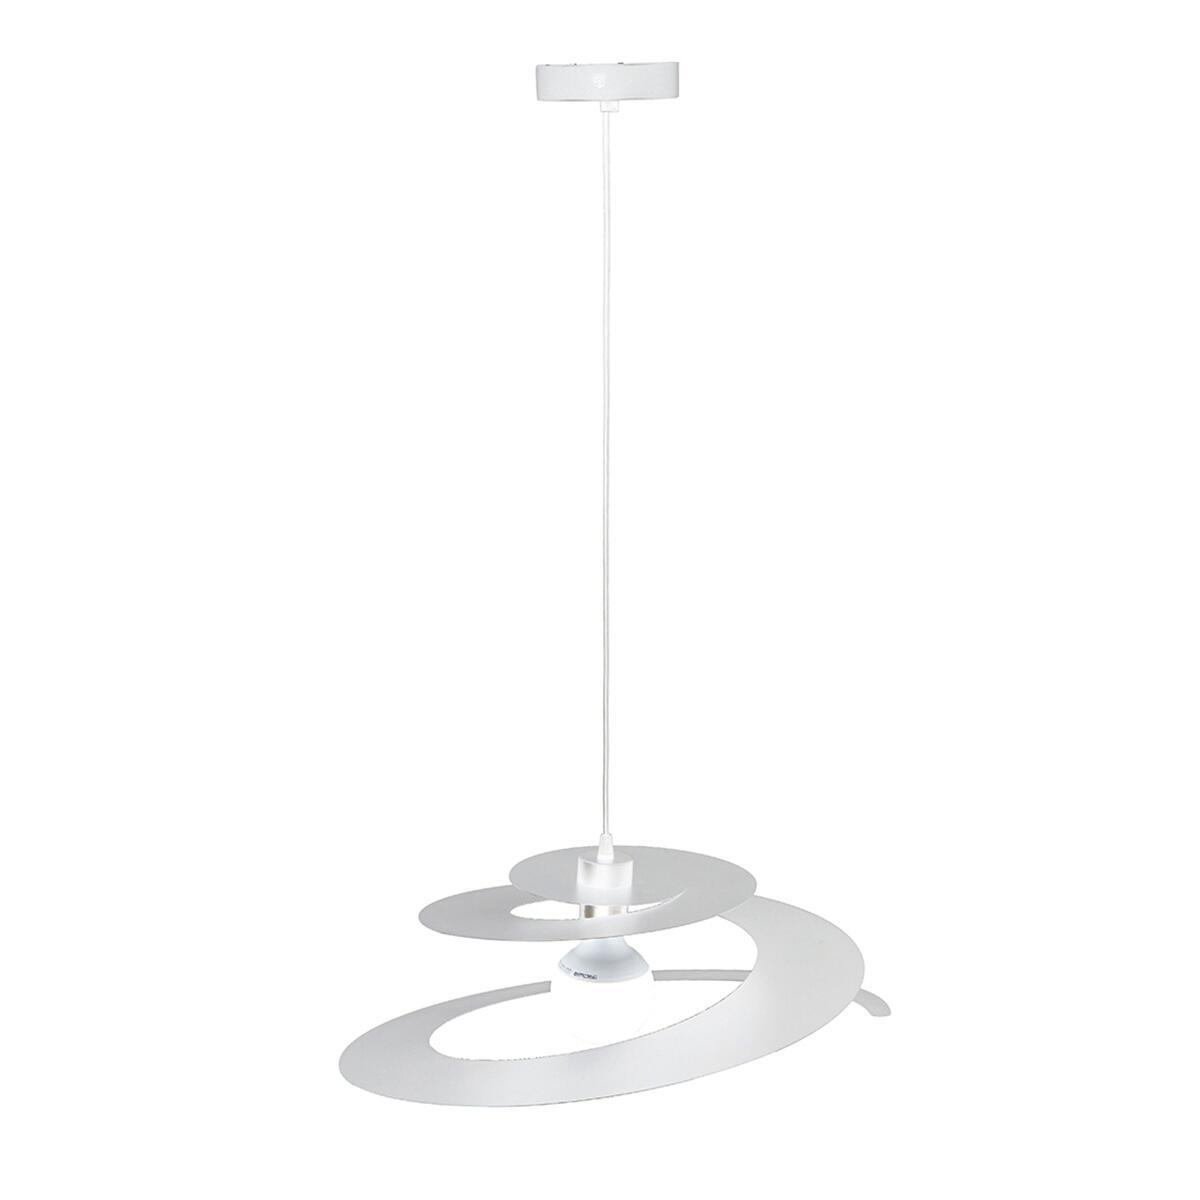 Lampadario Moderno Spirale bianco in metallo, L. 45 cm, NOVECENTO - 2